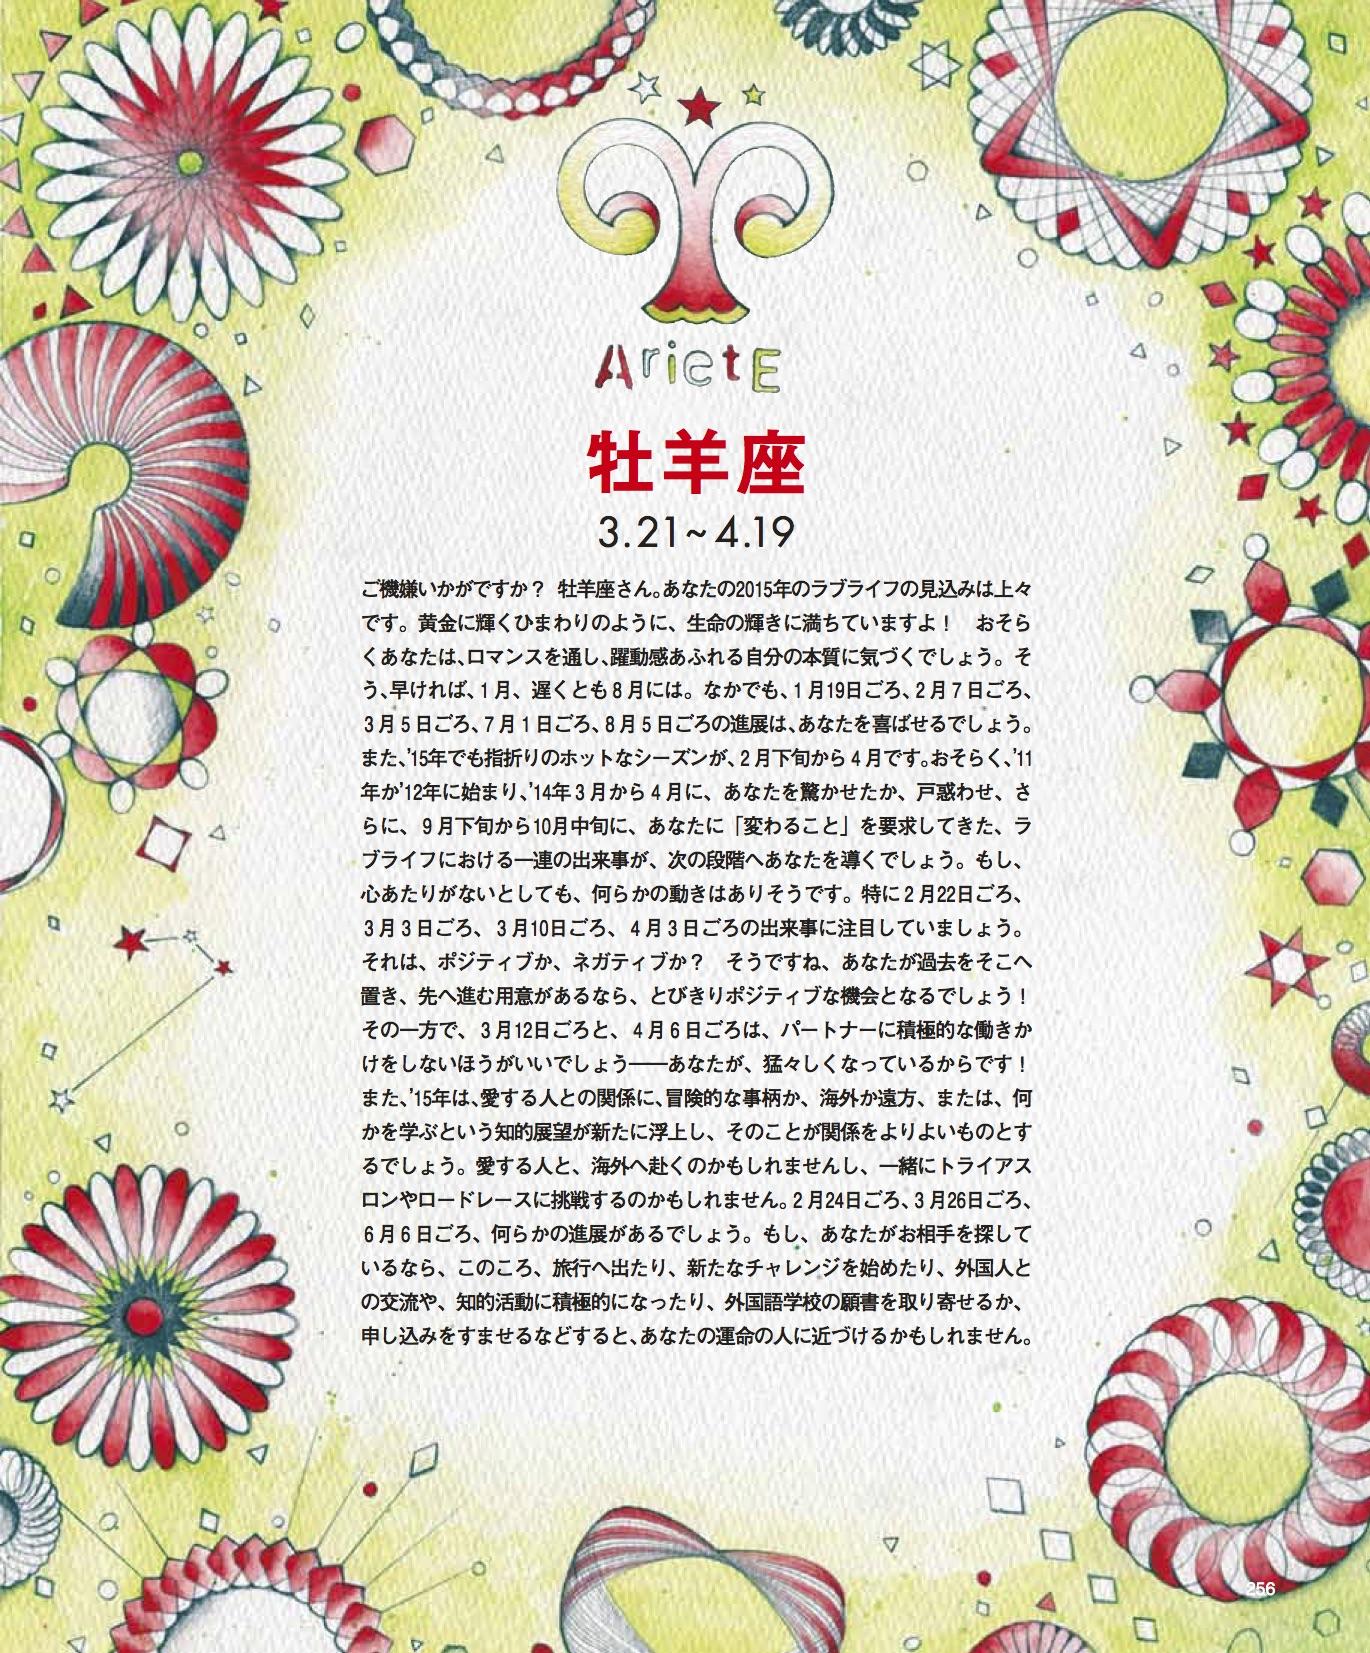 256-257_橘さくら占い.jpg